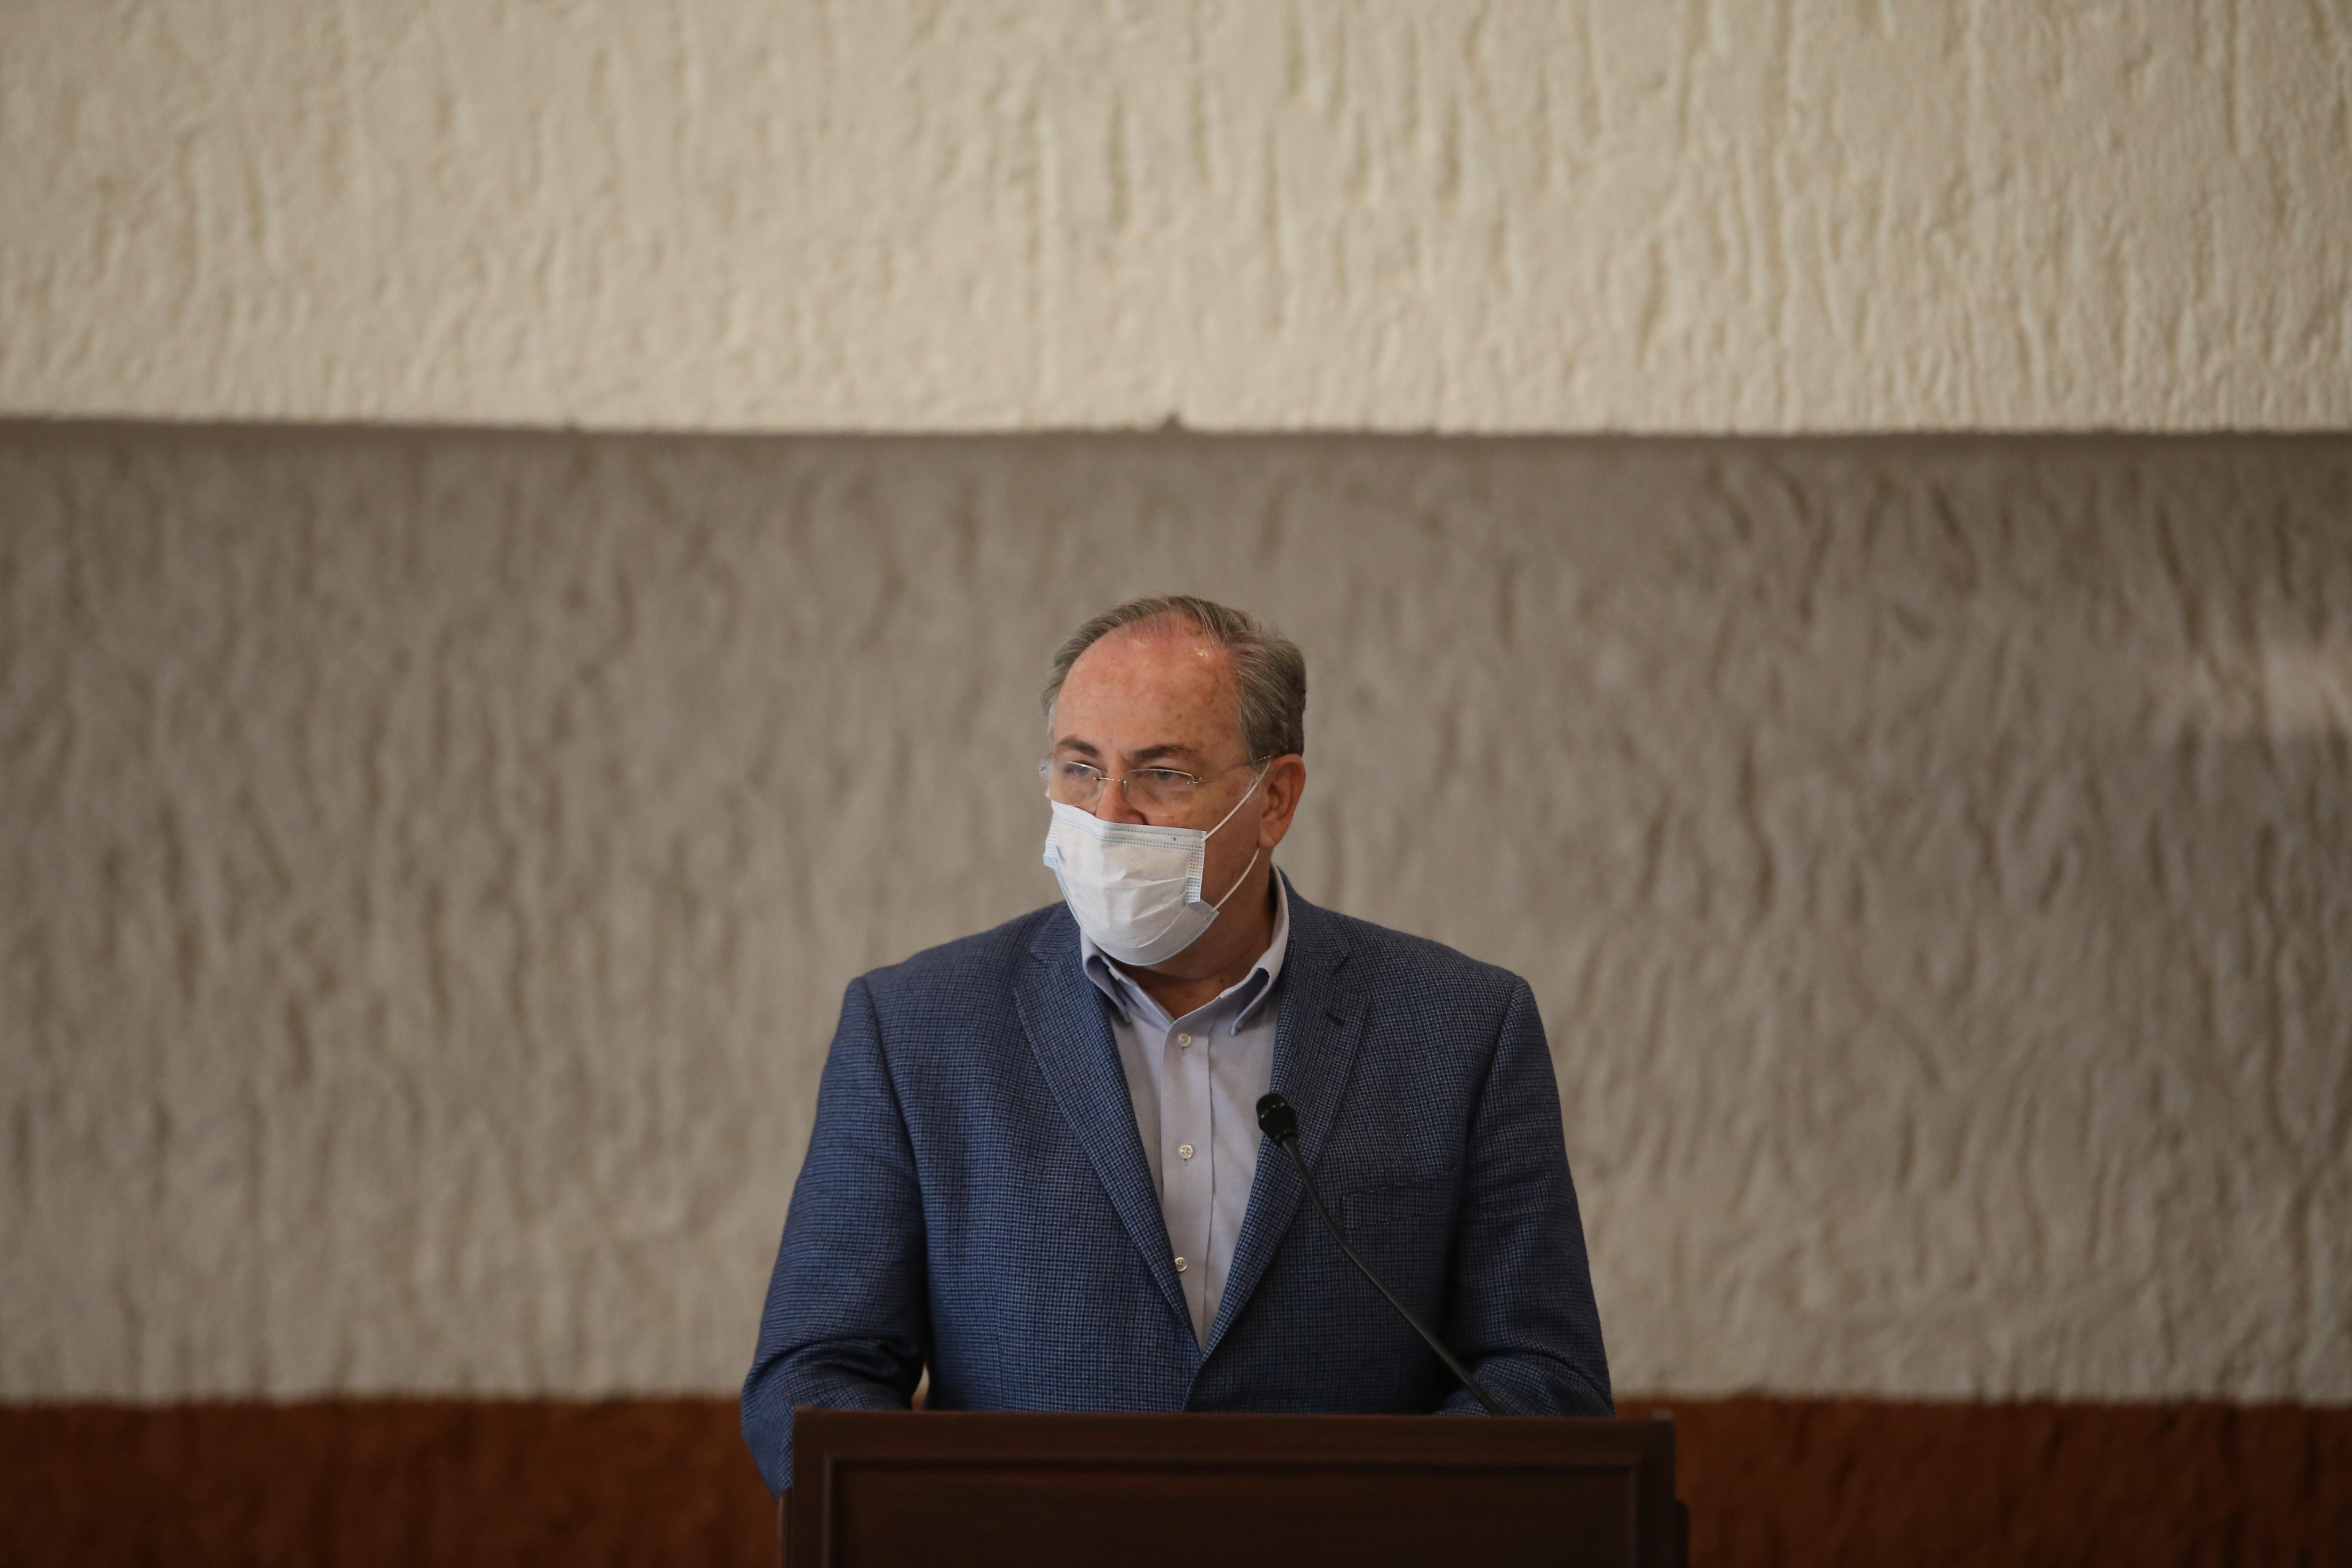 Secretario de Salud al micrófono en el pódium durante rueda de prensa virtual